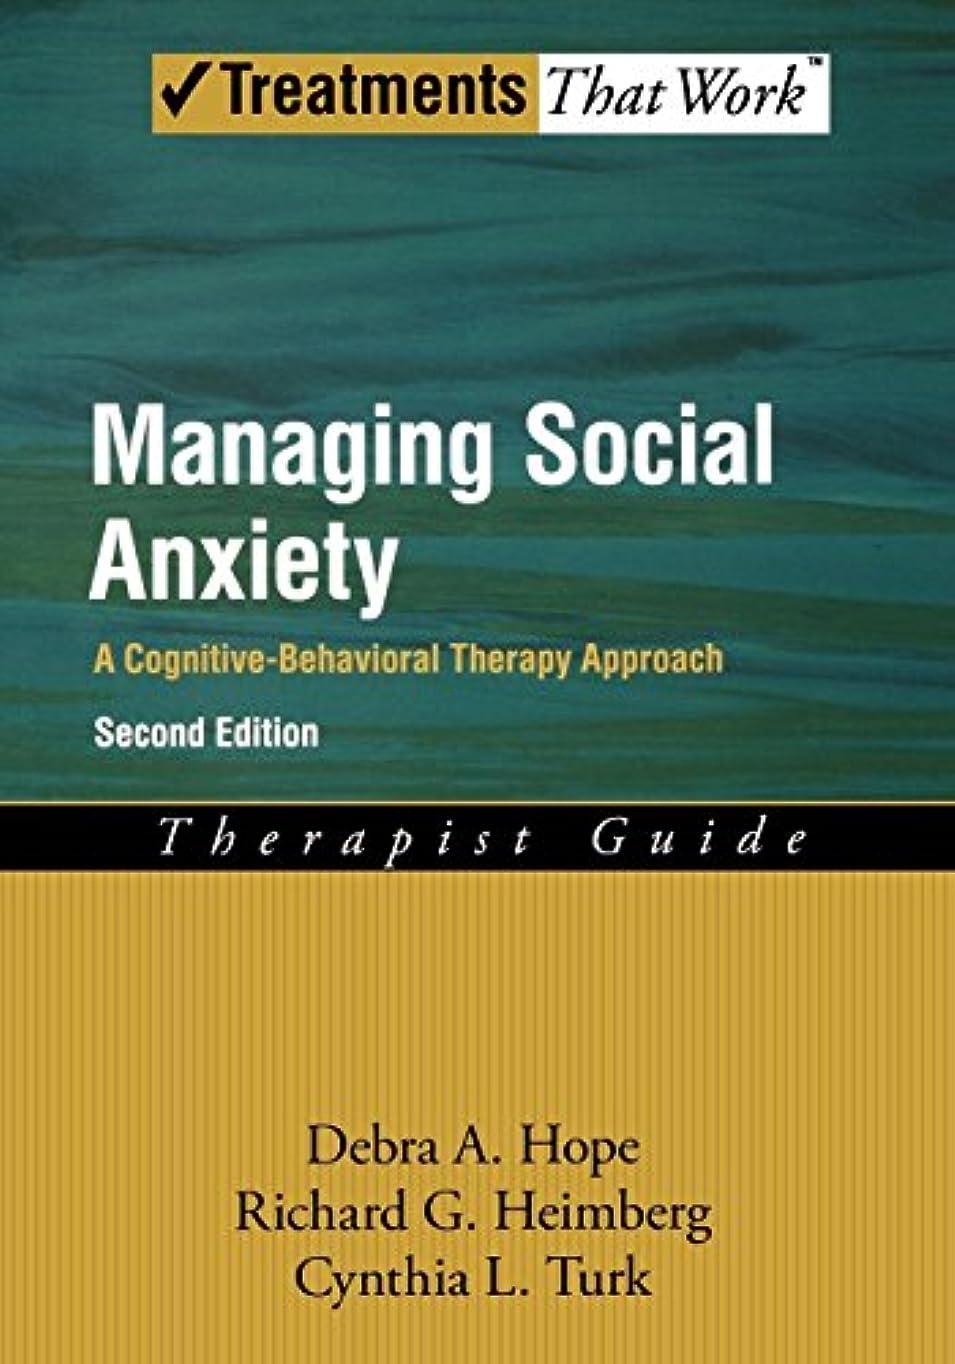 利益ノベルティ磁器Managing Social Anxiety: A Cognitive-Behavioral Therapy Approach: Therapist Guide (Treatments That Work)